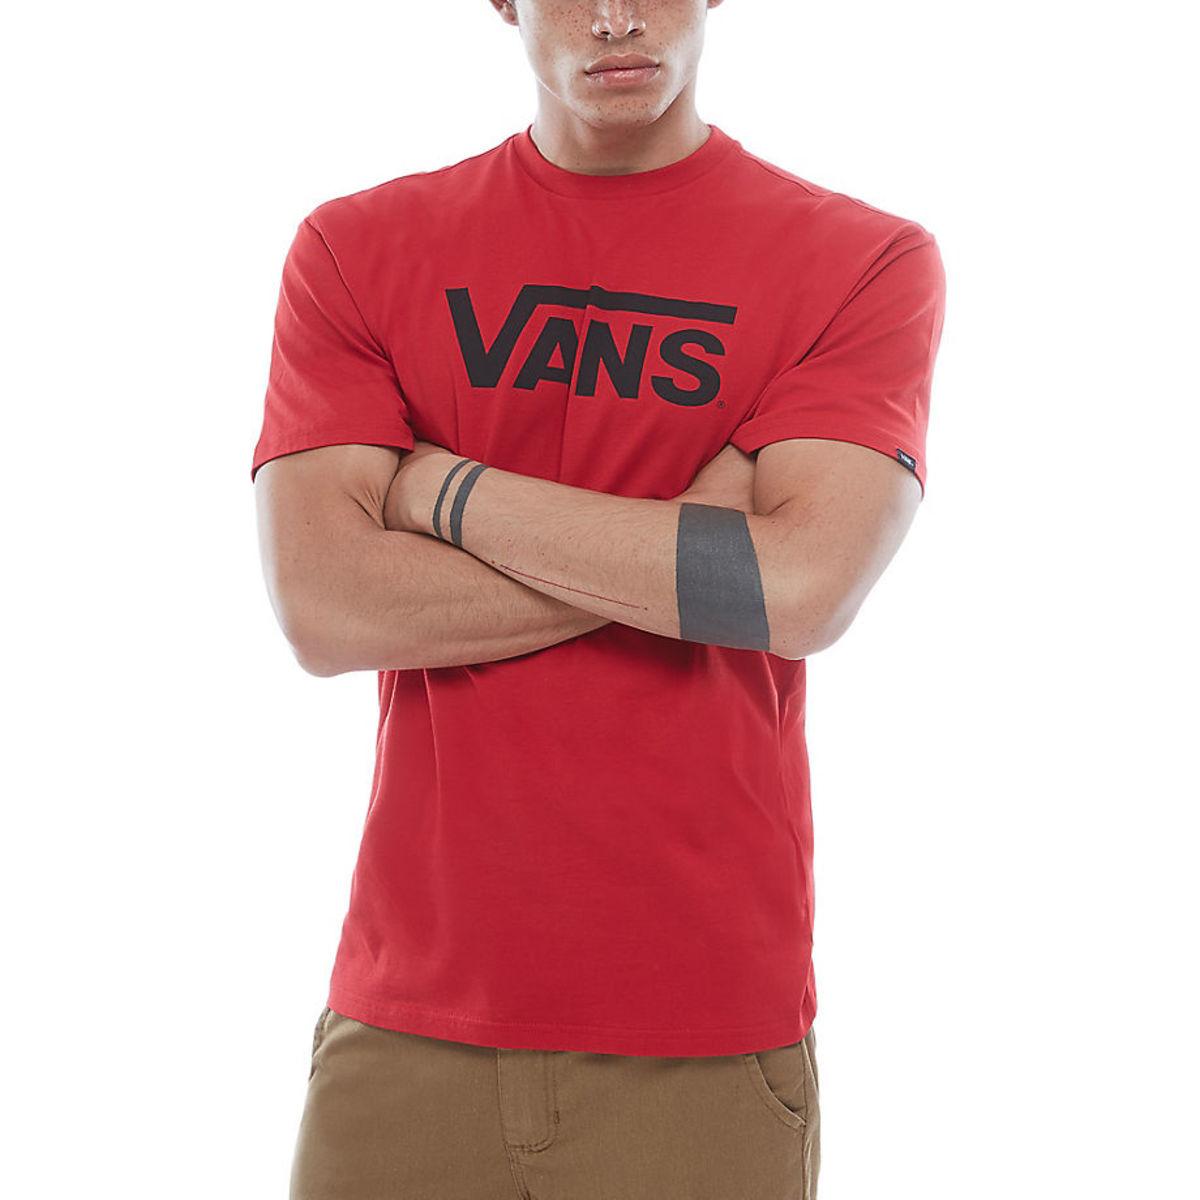 tričko pánské VANS - MN CLASSIC - chili pepper - V00GGG2KA - metal ... a108c8d4312